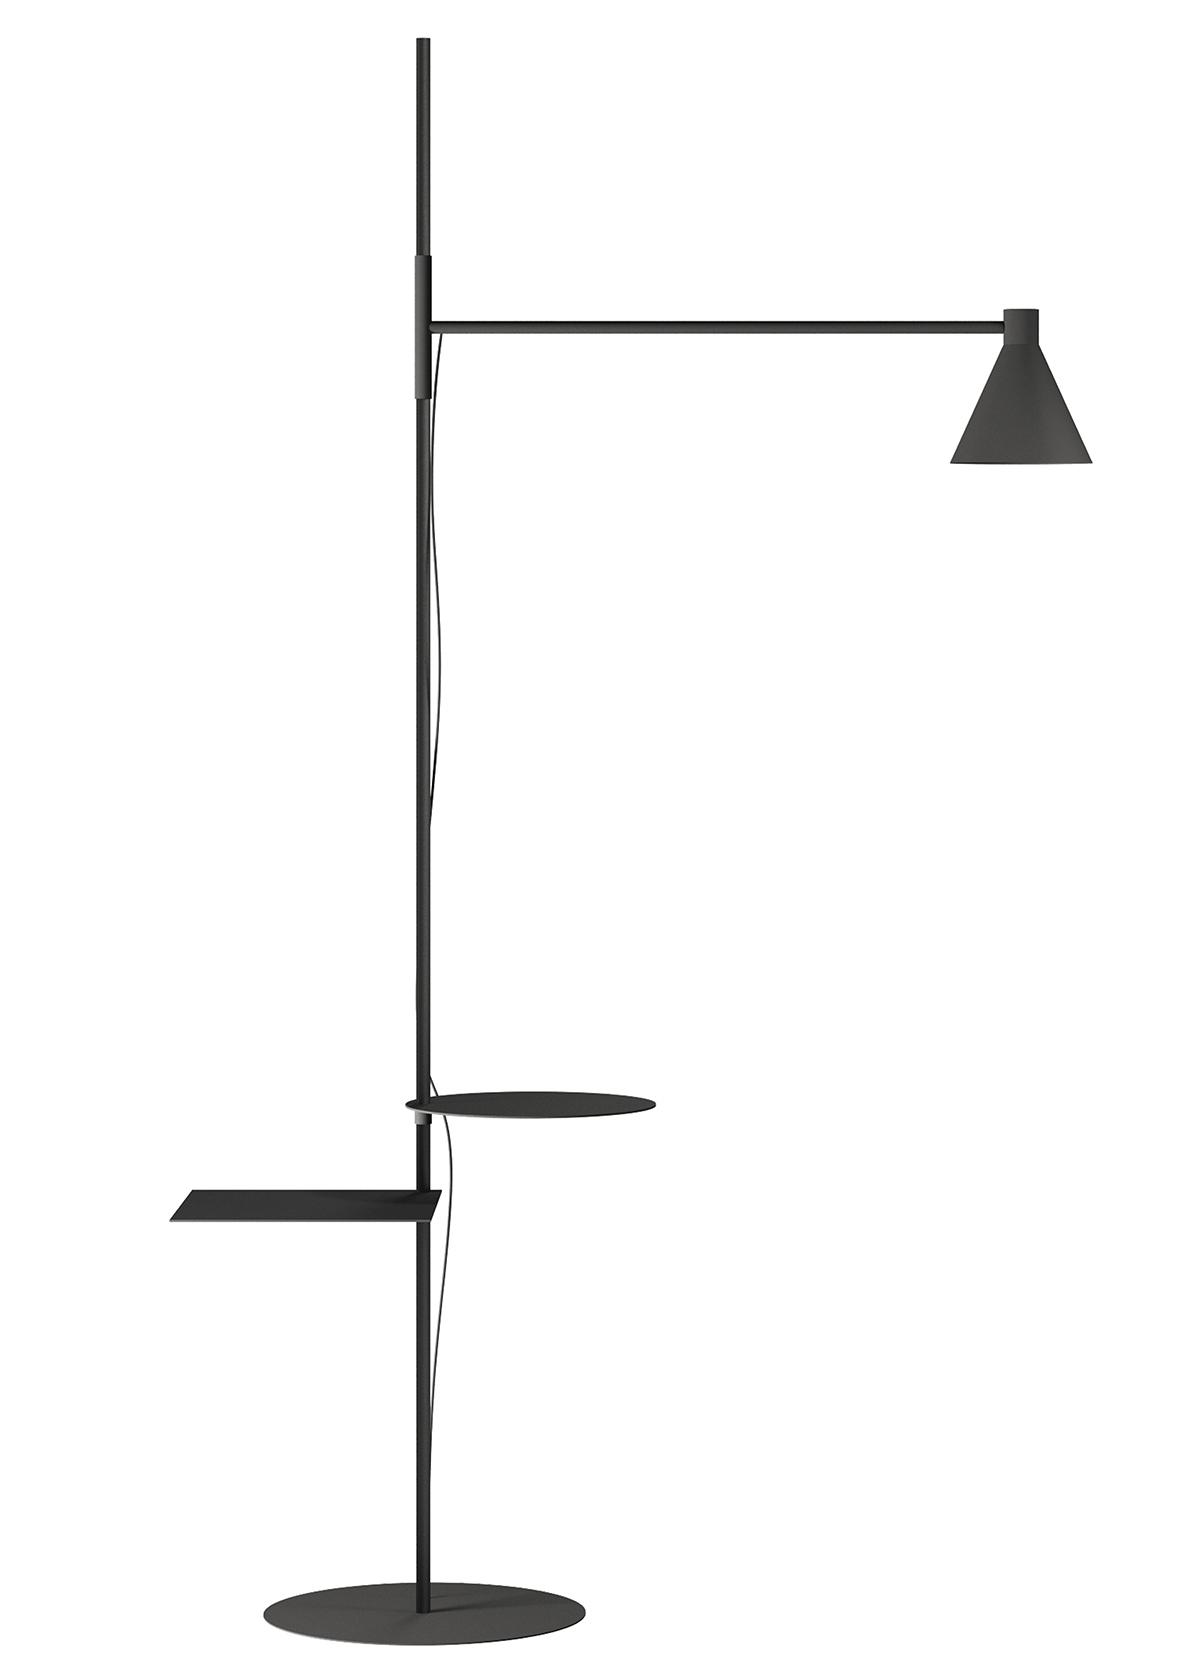 Nota Lamp by E. Ossino for De Padova at Salone del Mobile 2017 | Yellowtrace